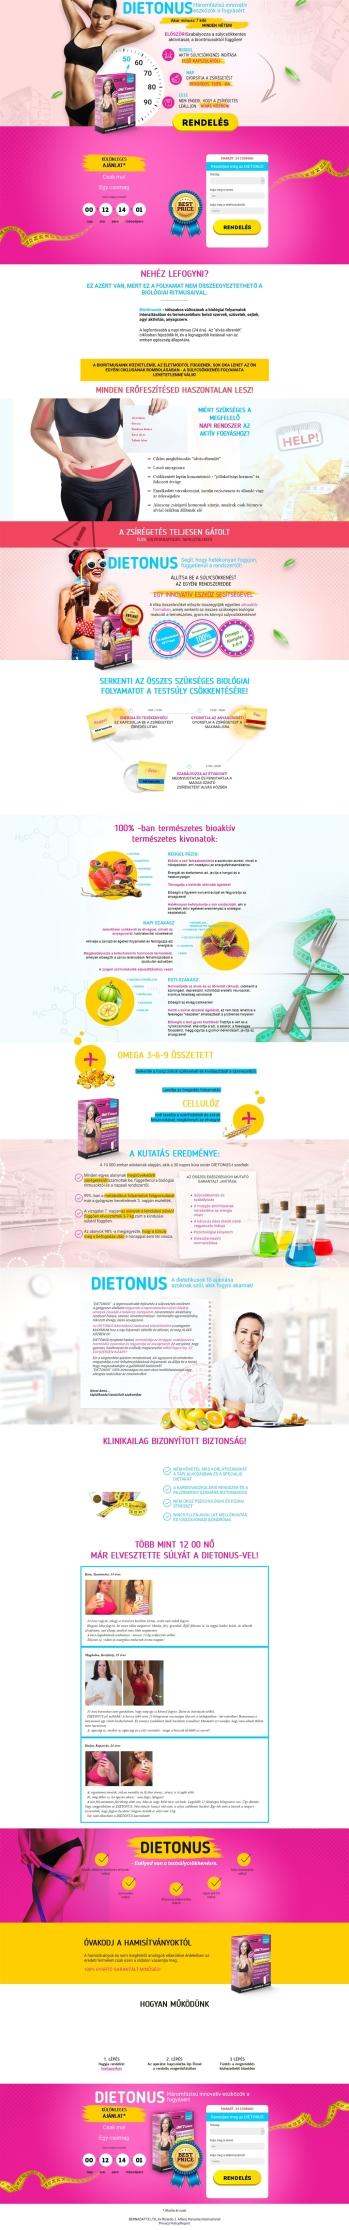 természetes tisztít, hogy gyorsan fogyjon t4 zsírégető mellékhatások